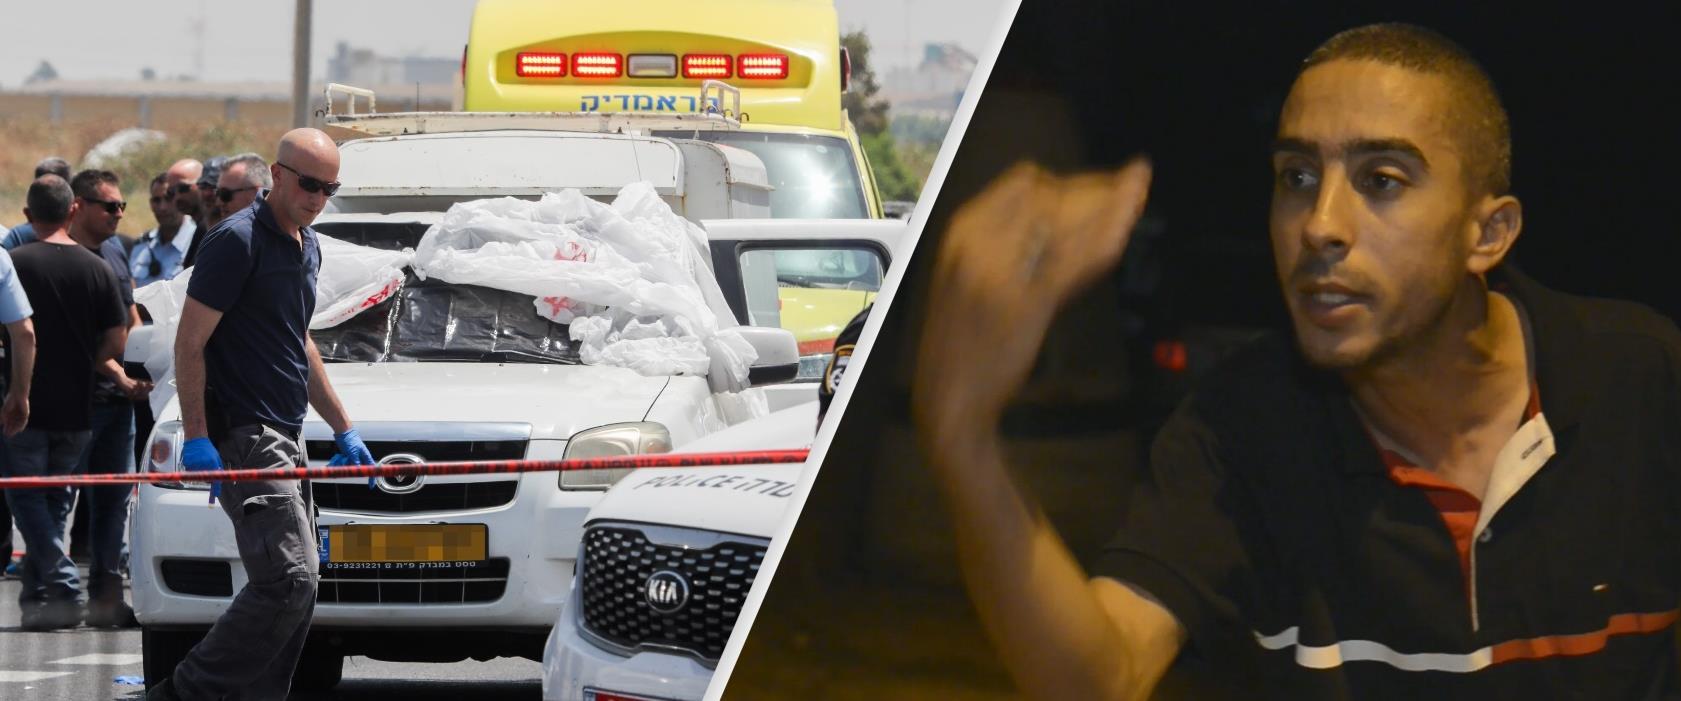 נהאד אל-שמאלי שנרצח אתמול בצומת לוד, זירת הרצח